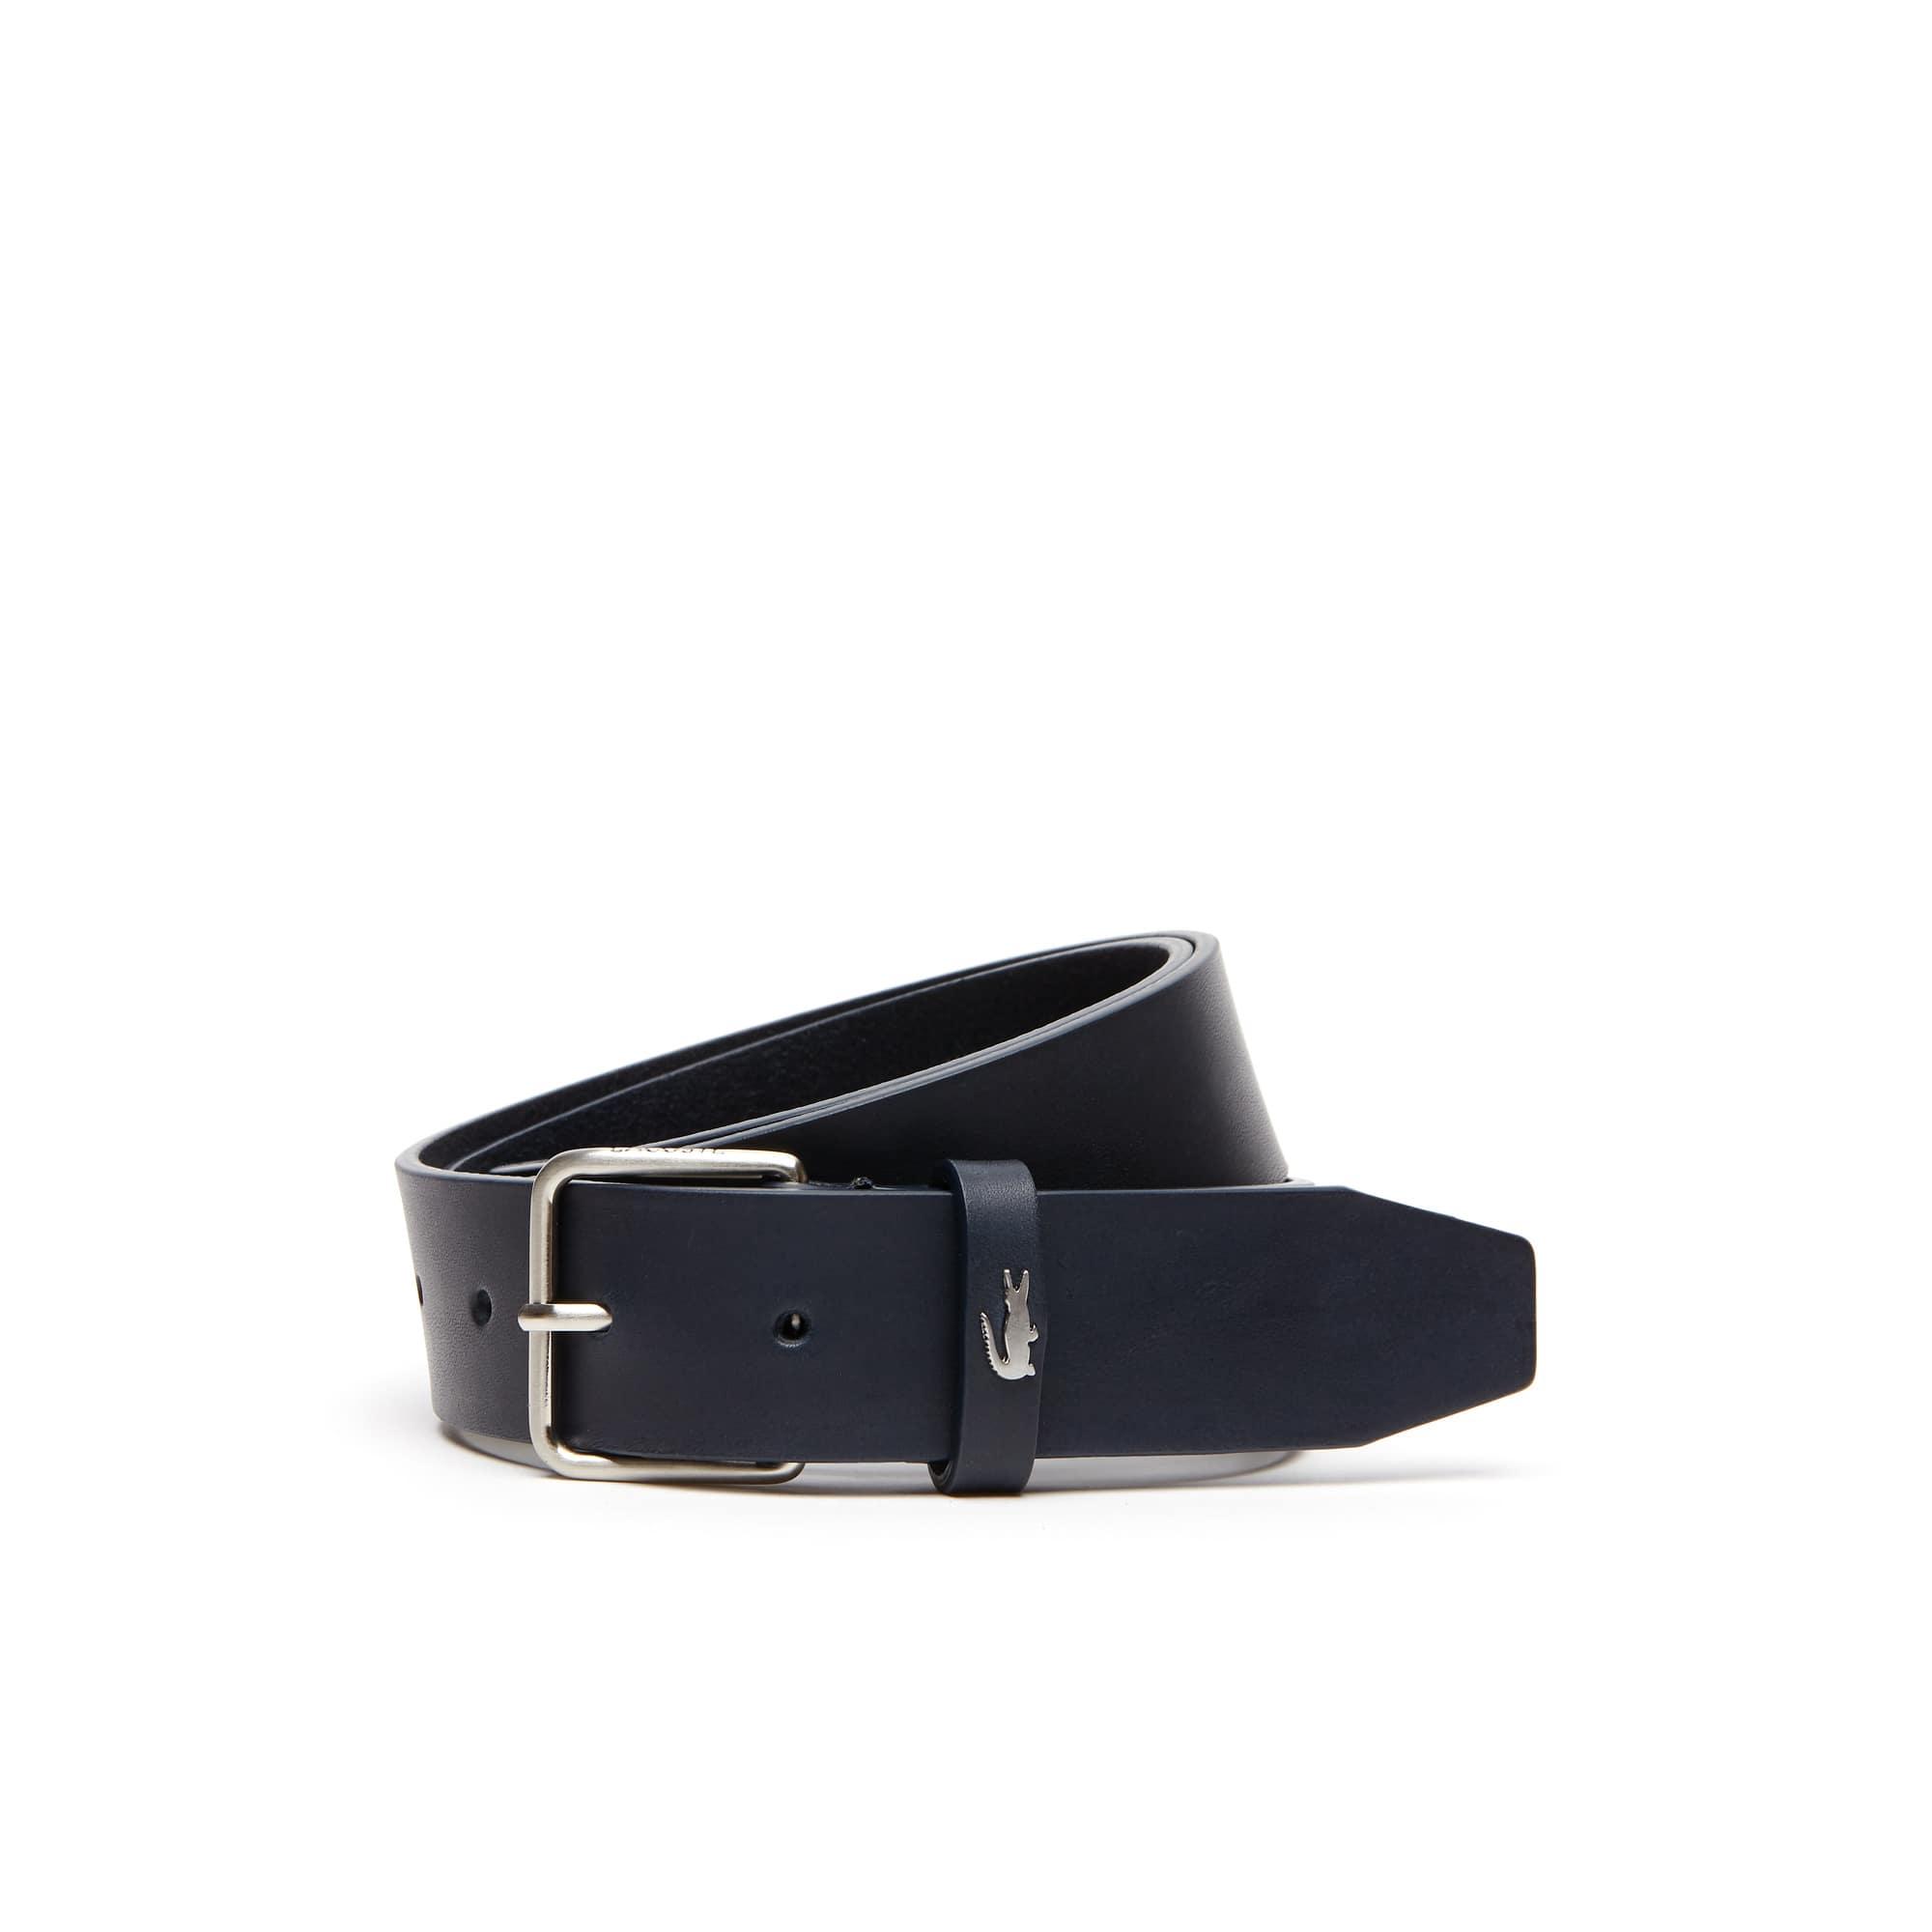 Cinturón de cuero con hebilla de lengüeta grabada Lacoste